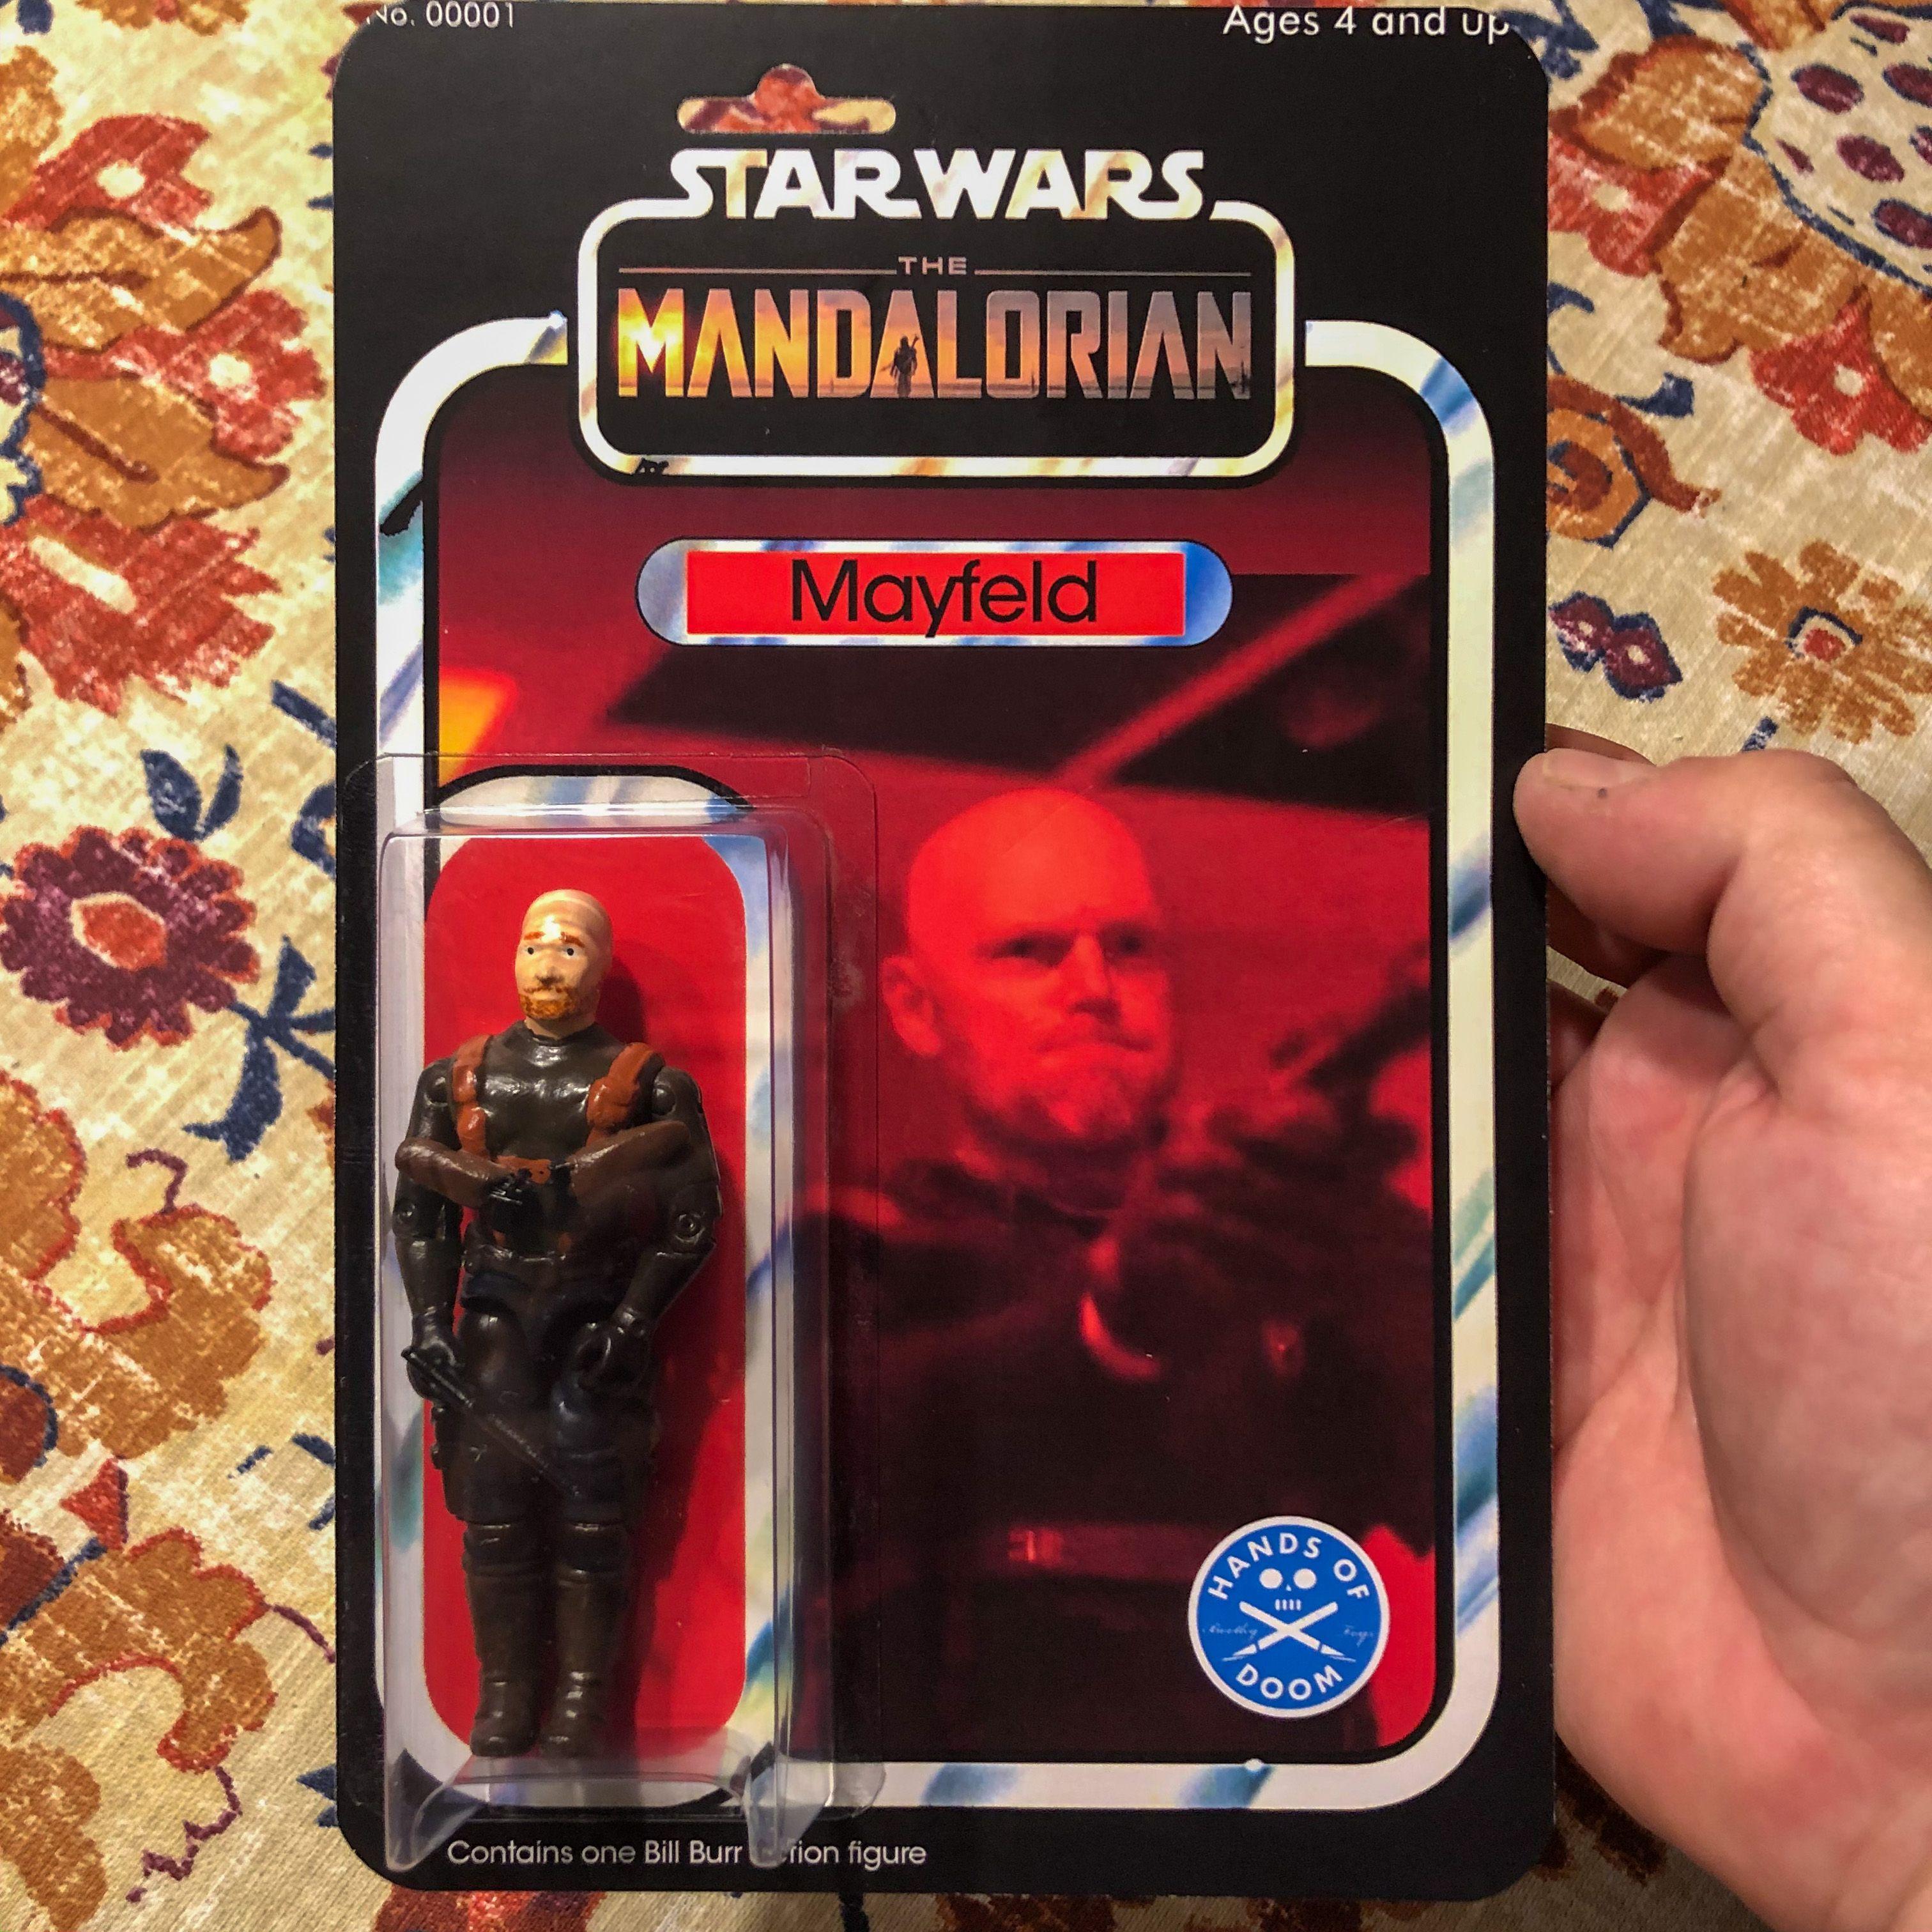 Bill Burr Mandalorian Action Figure Bootleg Toys Action Figures Mandalorian